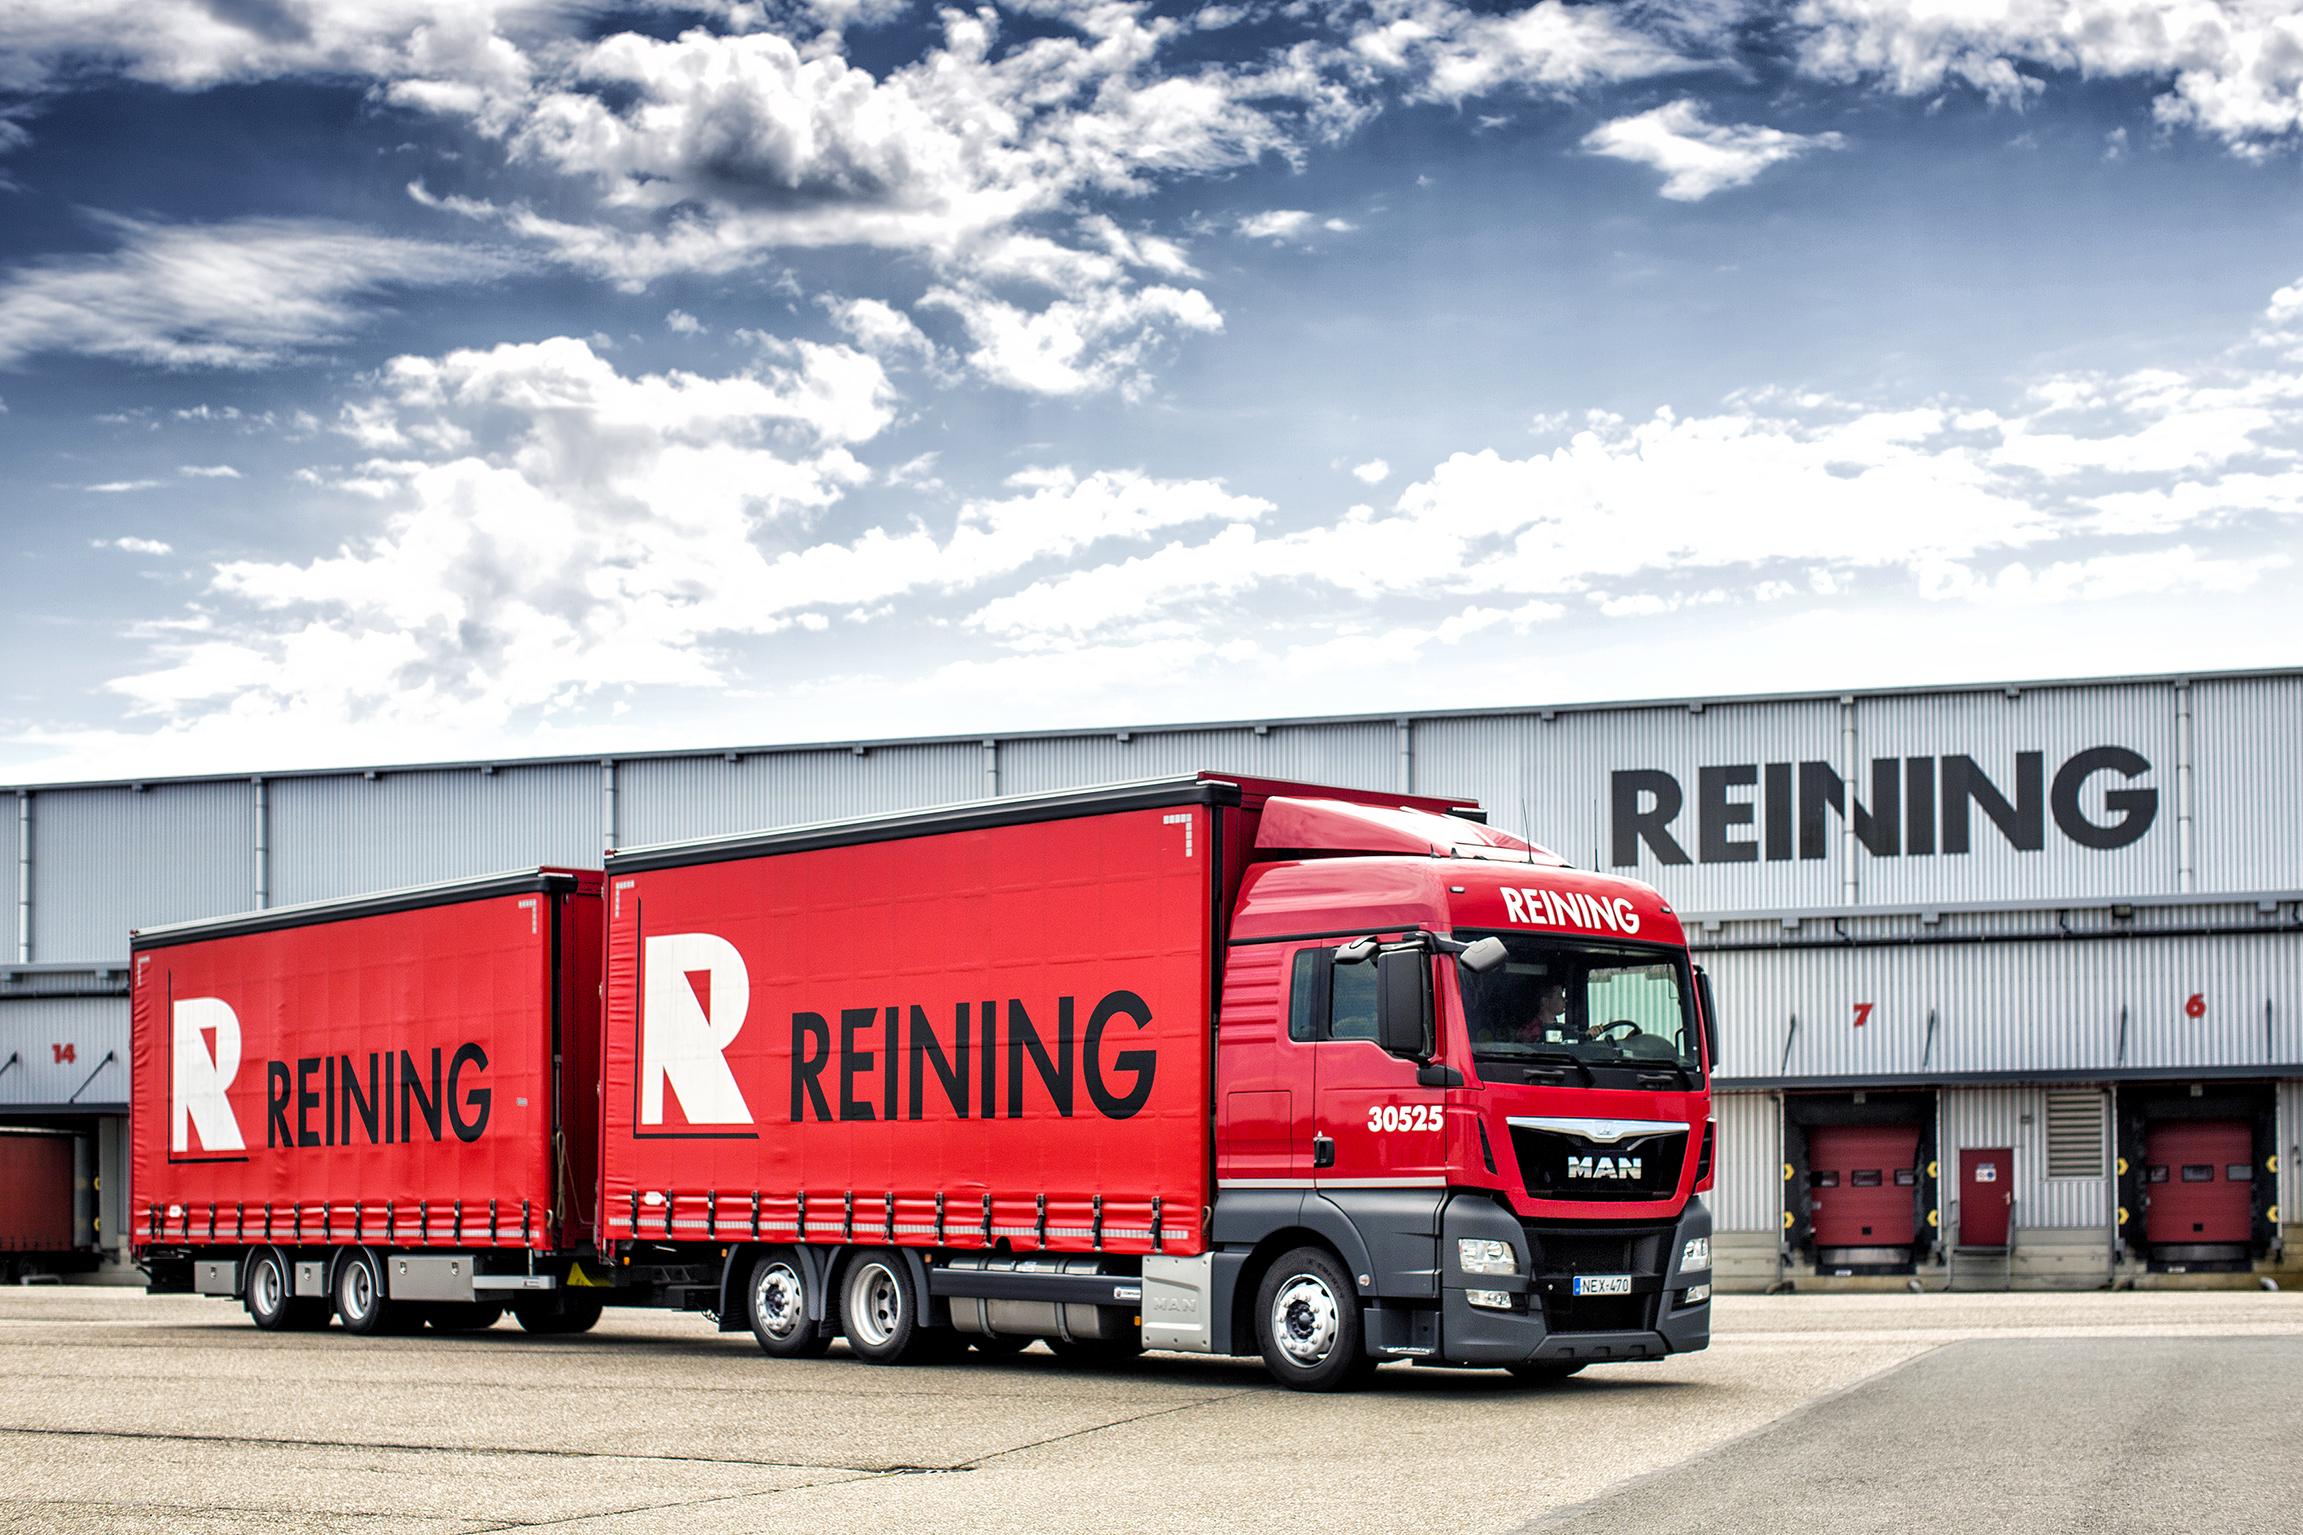 Wij voeren het transport vooral uit met eigen mensen en materieel ...: reining.eu/nl/diensten/volume-transport